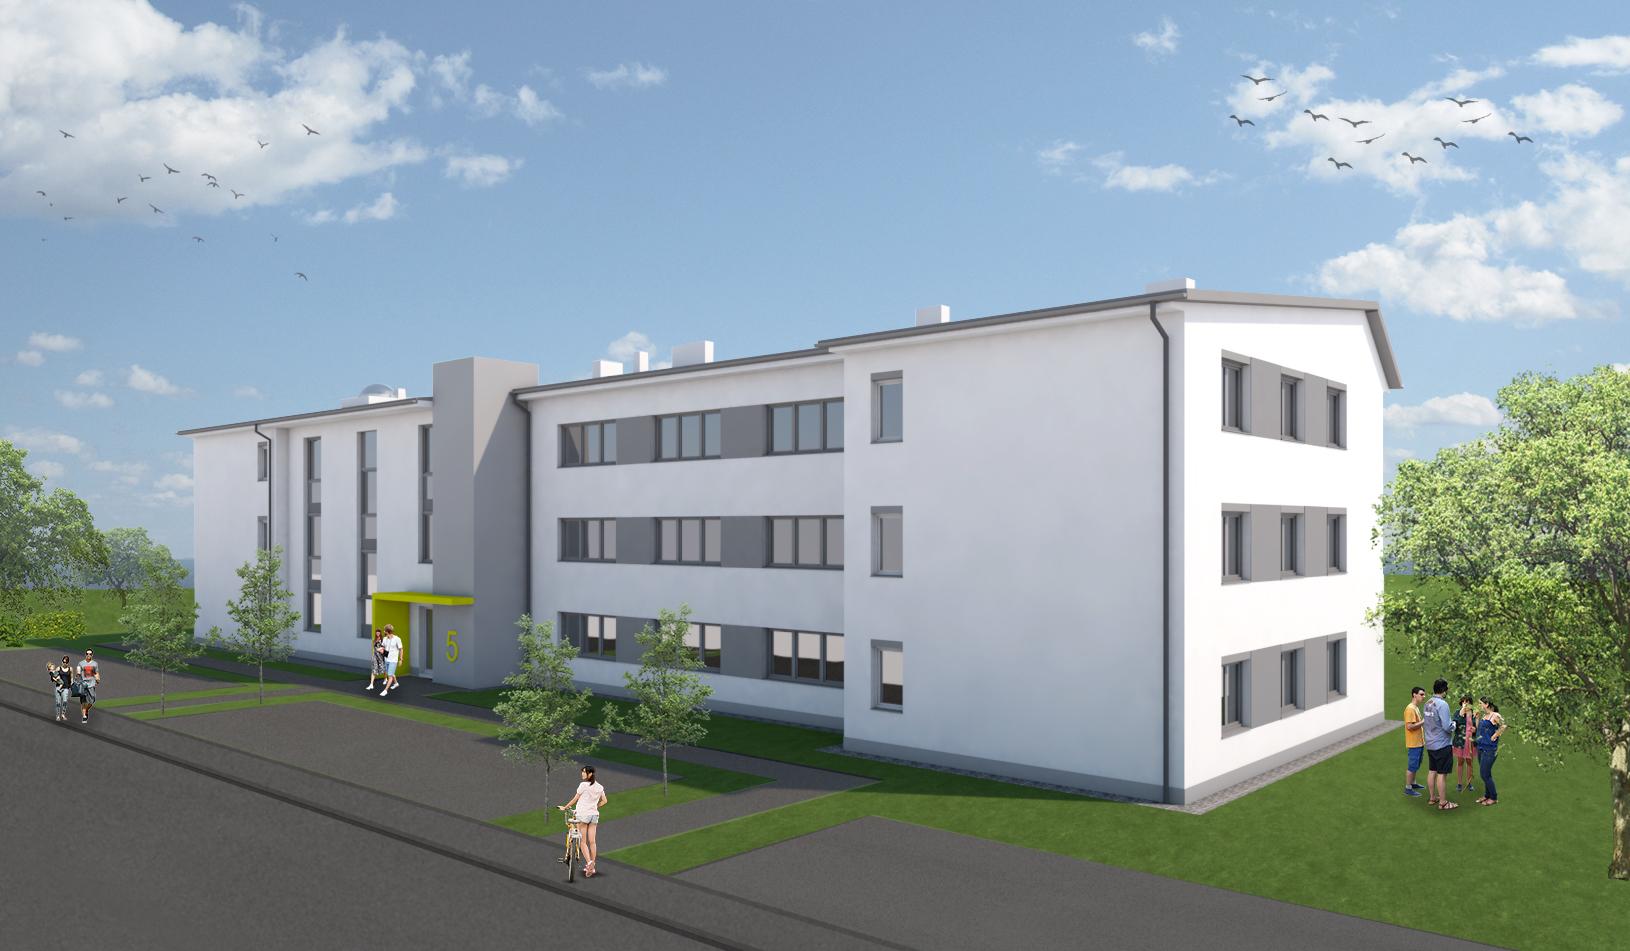 Immobilie von Kamptal in 3542 Gföhl, Krems(Land), Gföhl V/3 - Top 514 #2